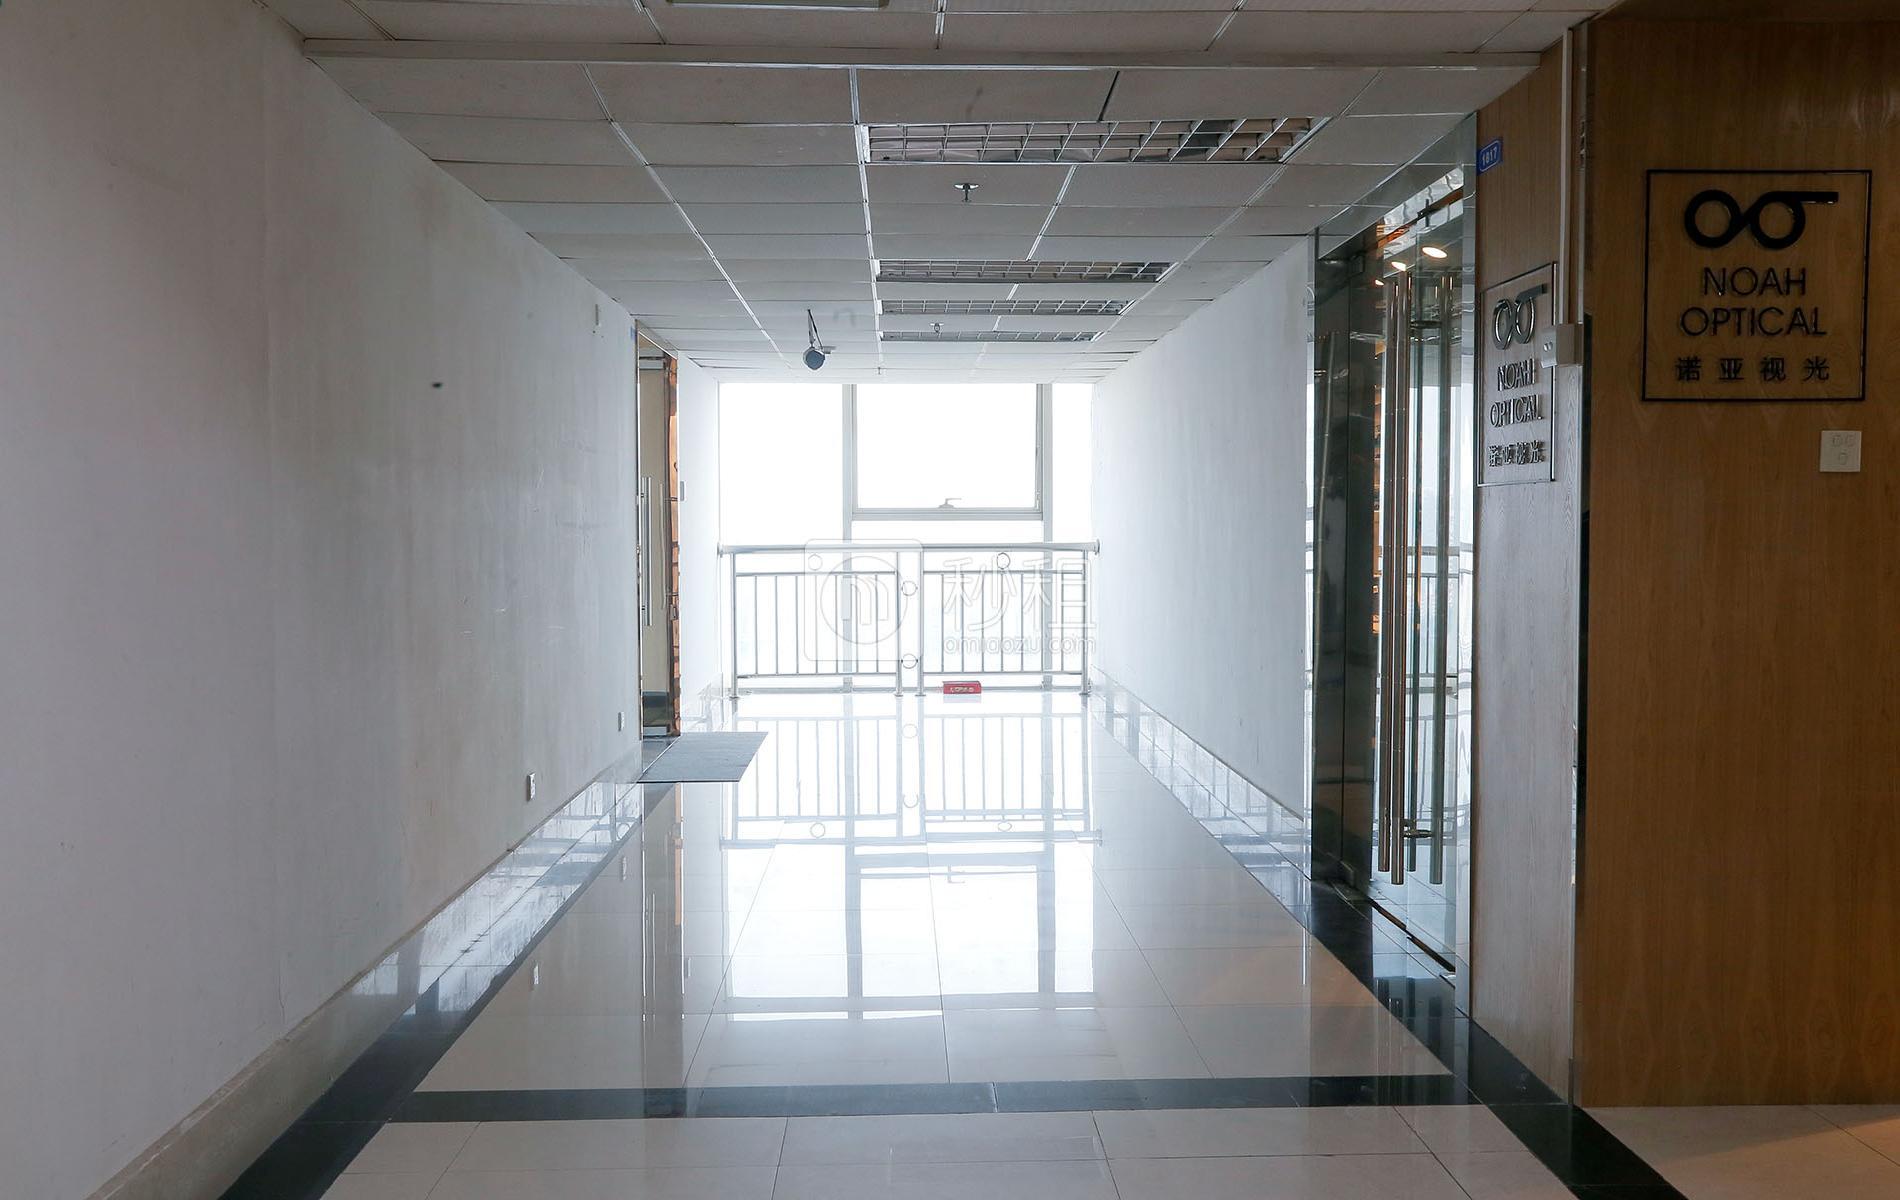 广百新翼写字楼出租/招租/租赁,广百新翼办公室出租/招租/租赁